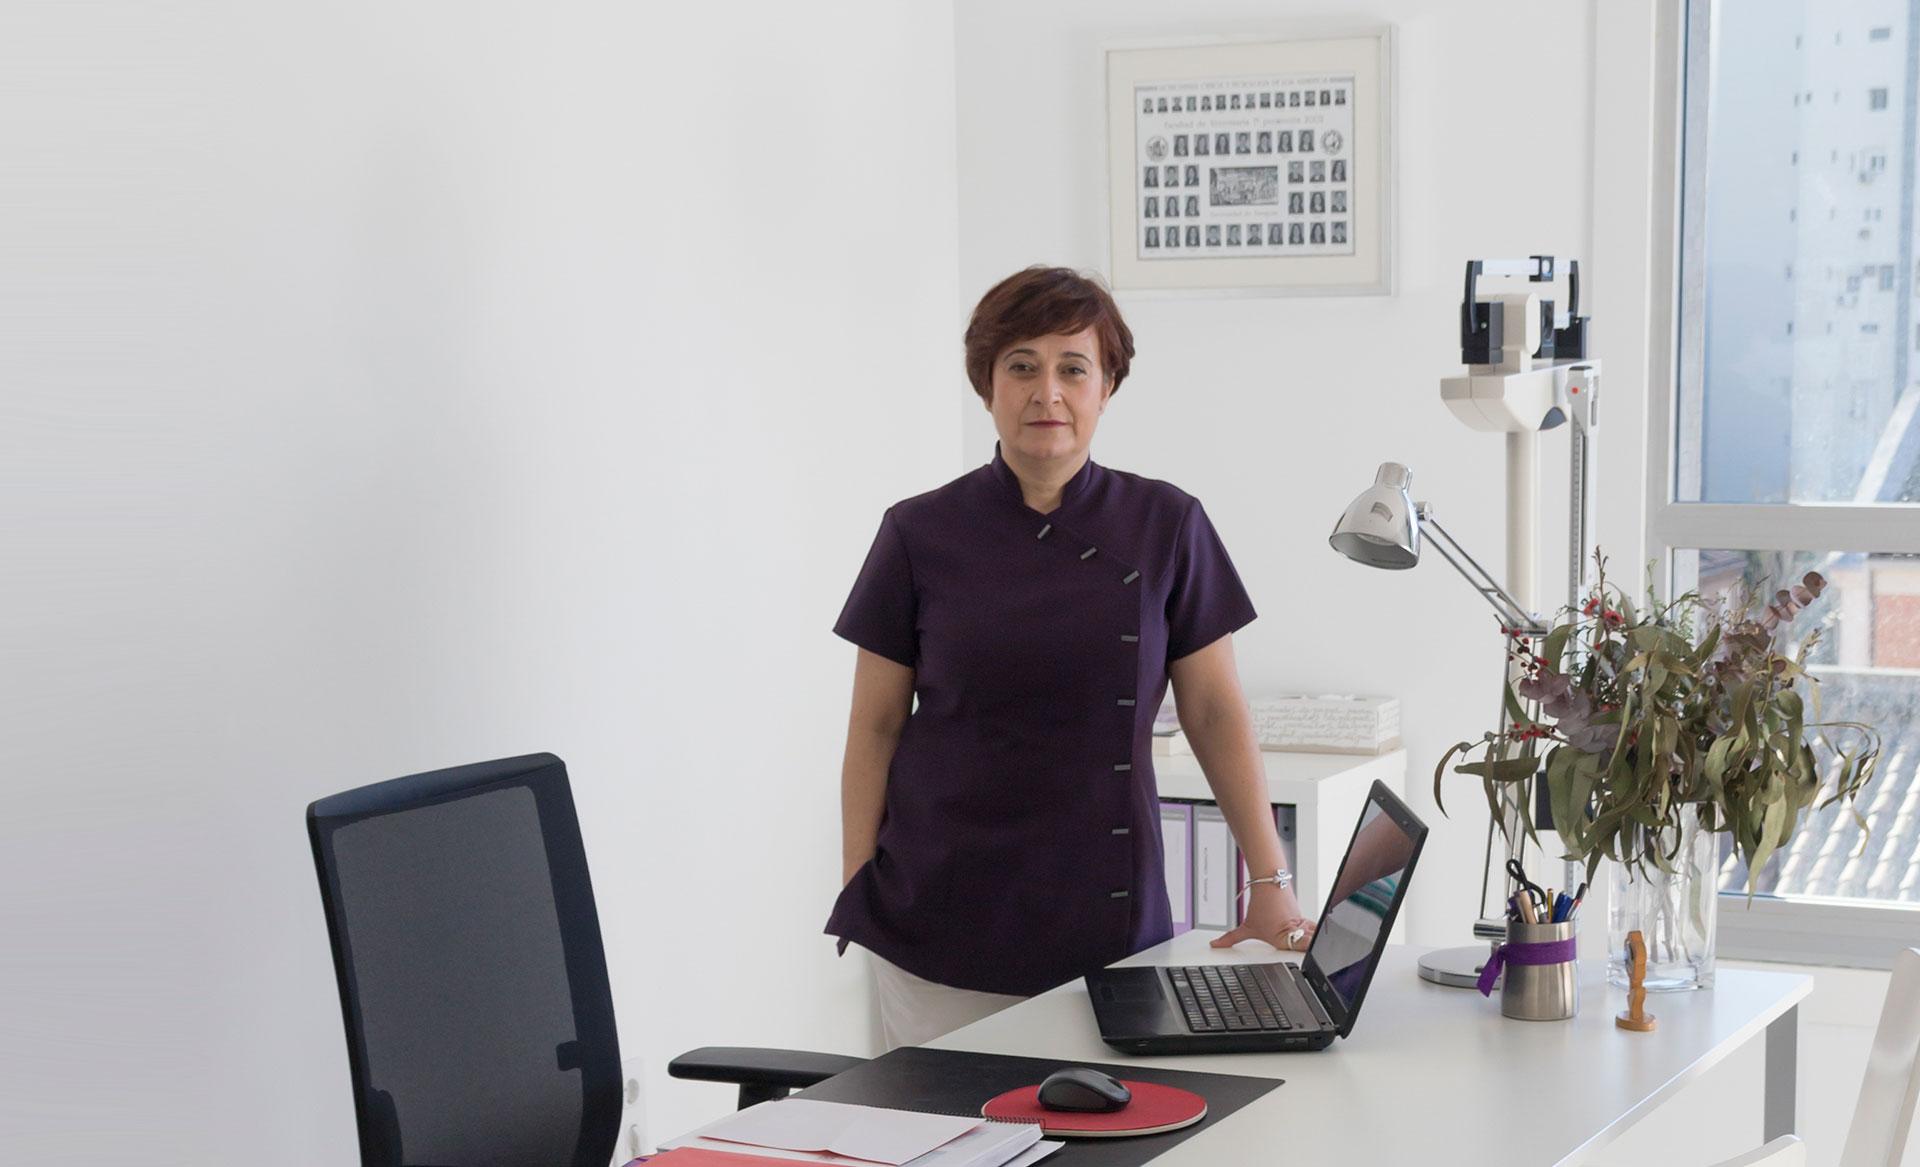 Nutrición y asesoramiento dietético en Zaragoza, Come con Sentido, Natalia Barrachina